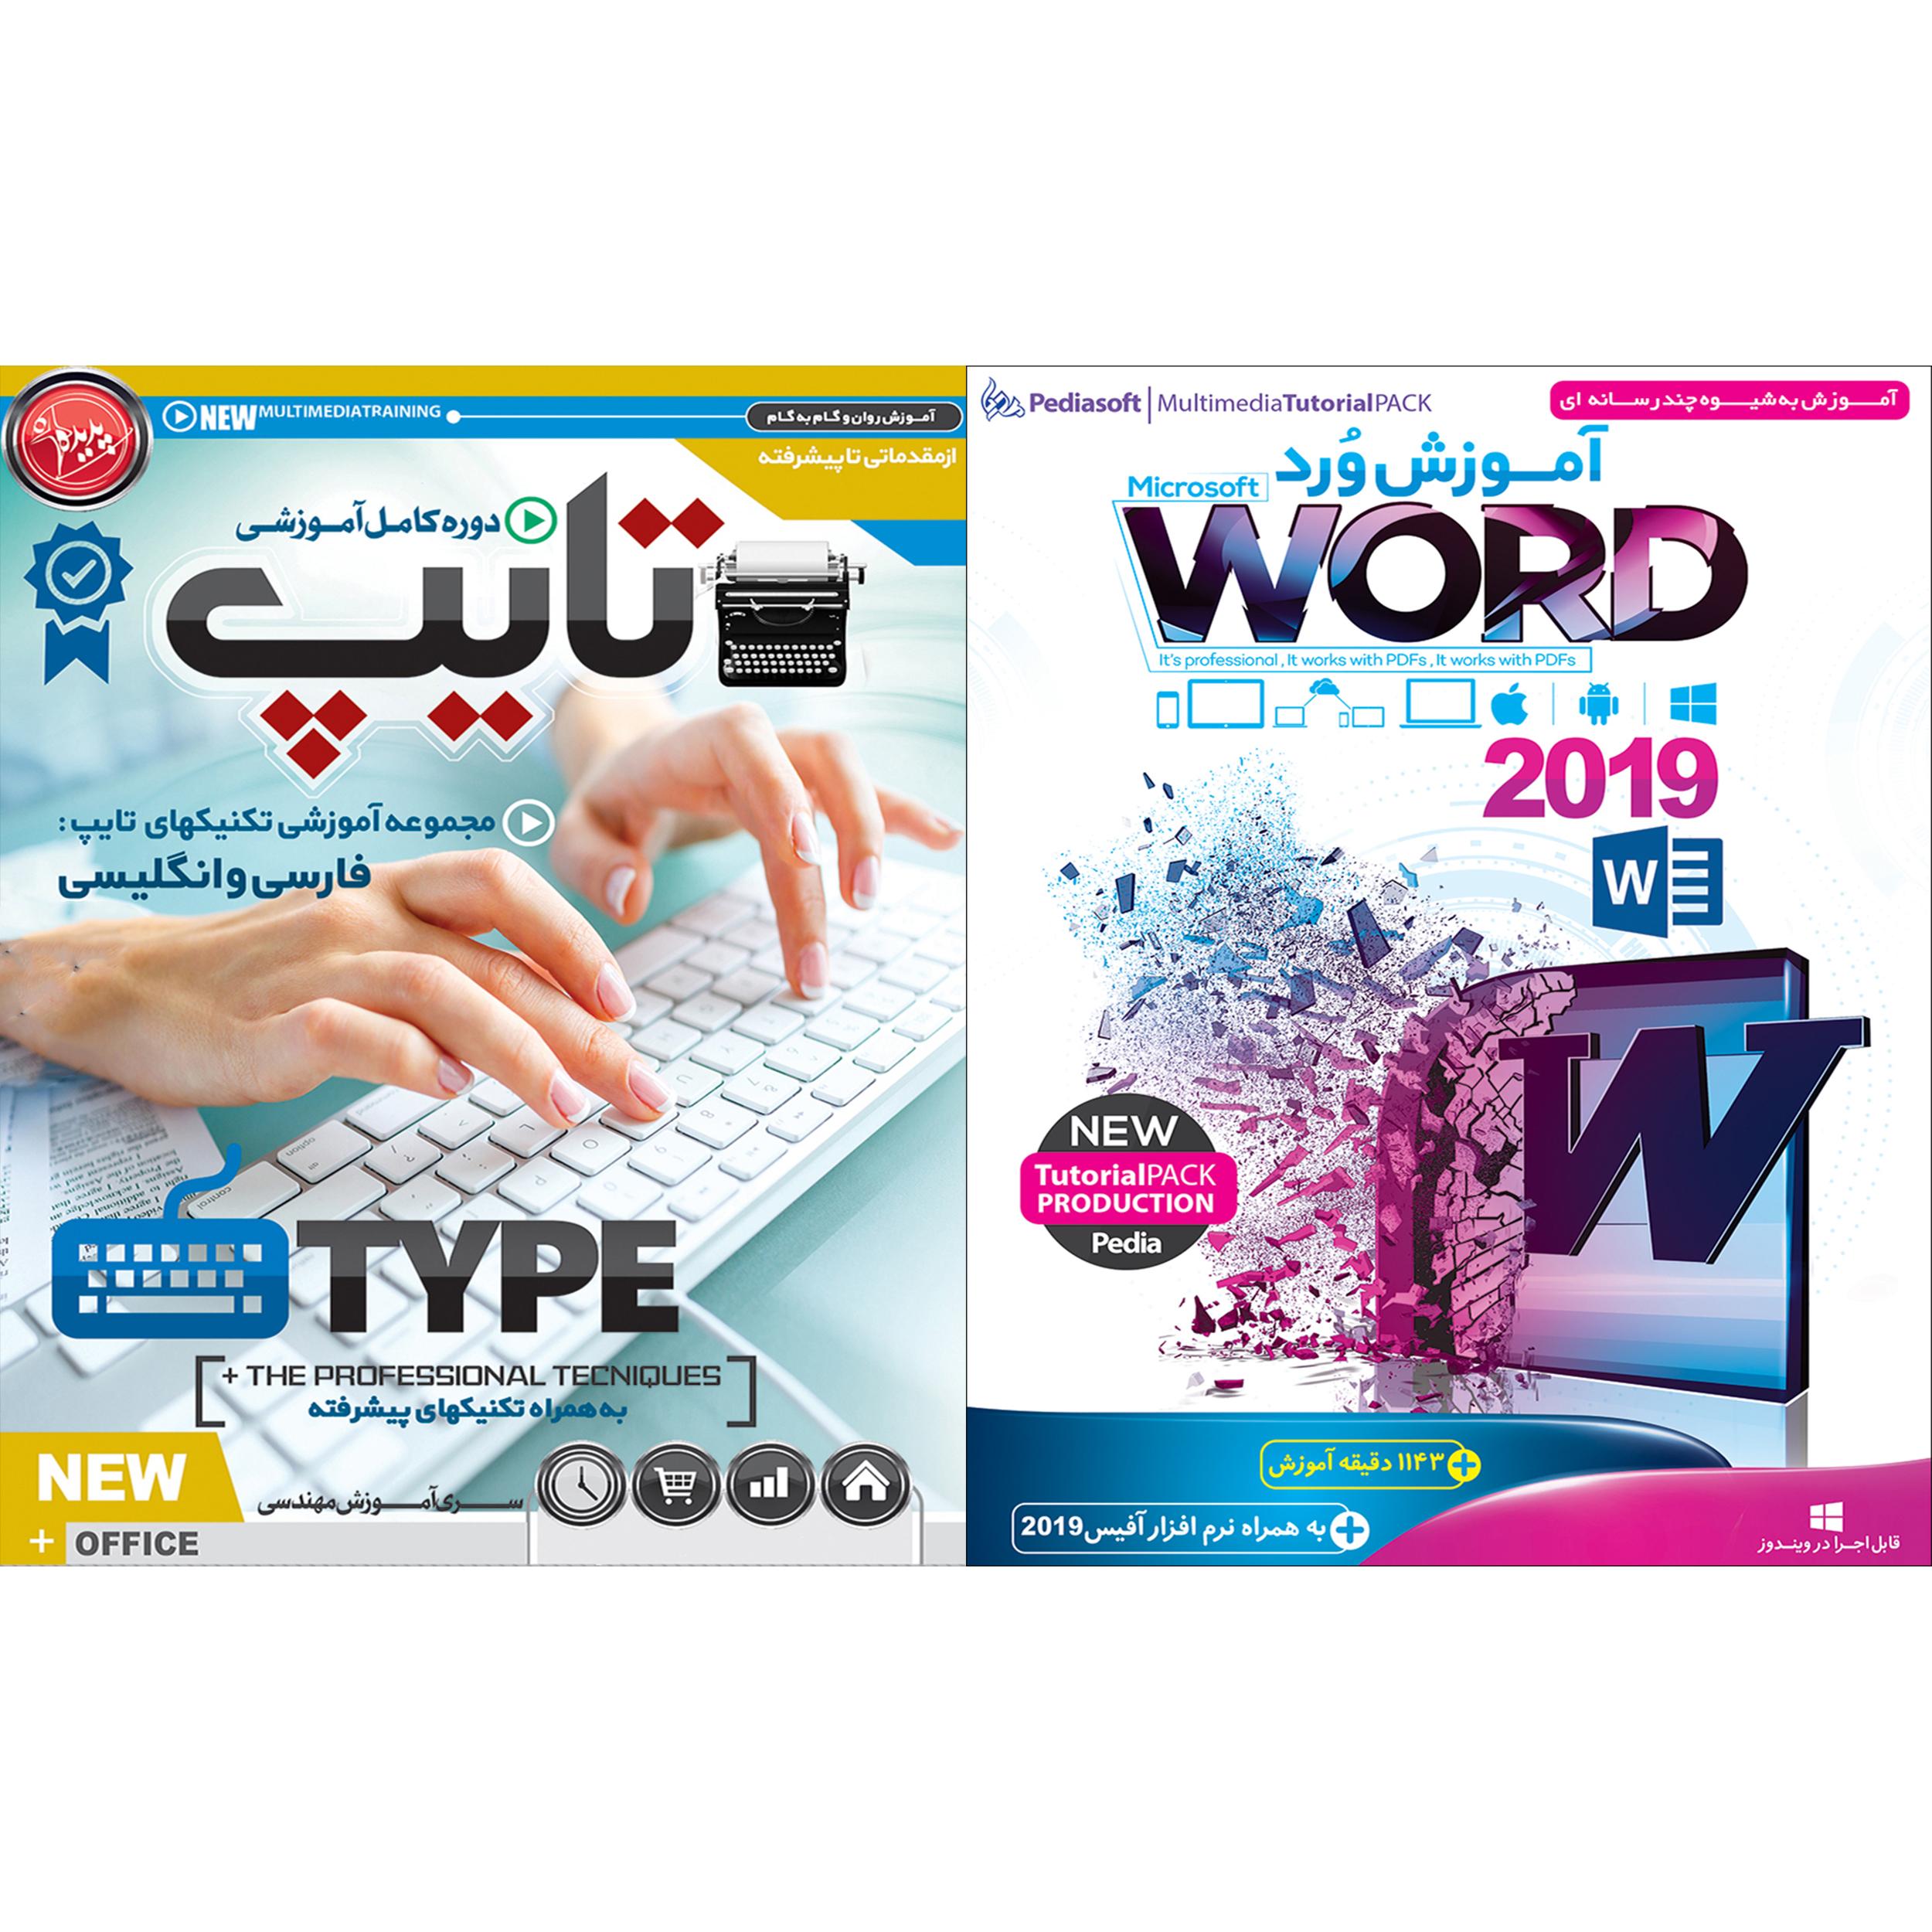 نرم افزار آموزش ورد Word 2019 نشر پدیا سافت به همراه نرم افزار آموزش تایپ نشر پدیده